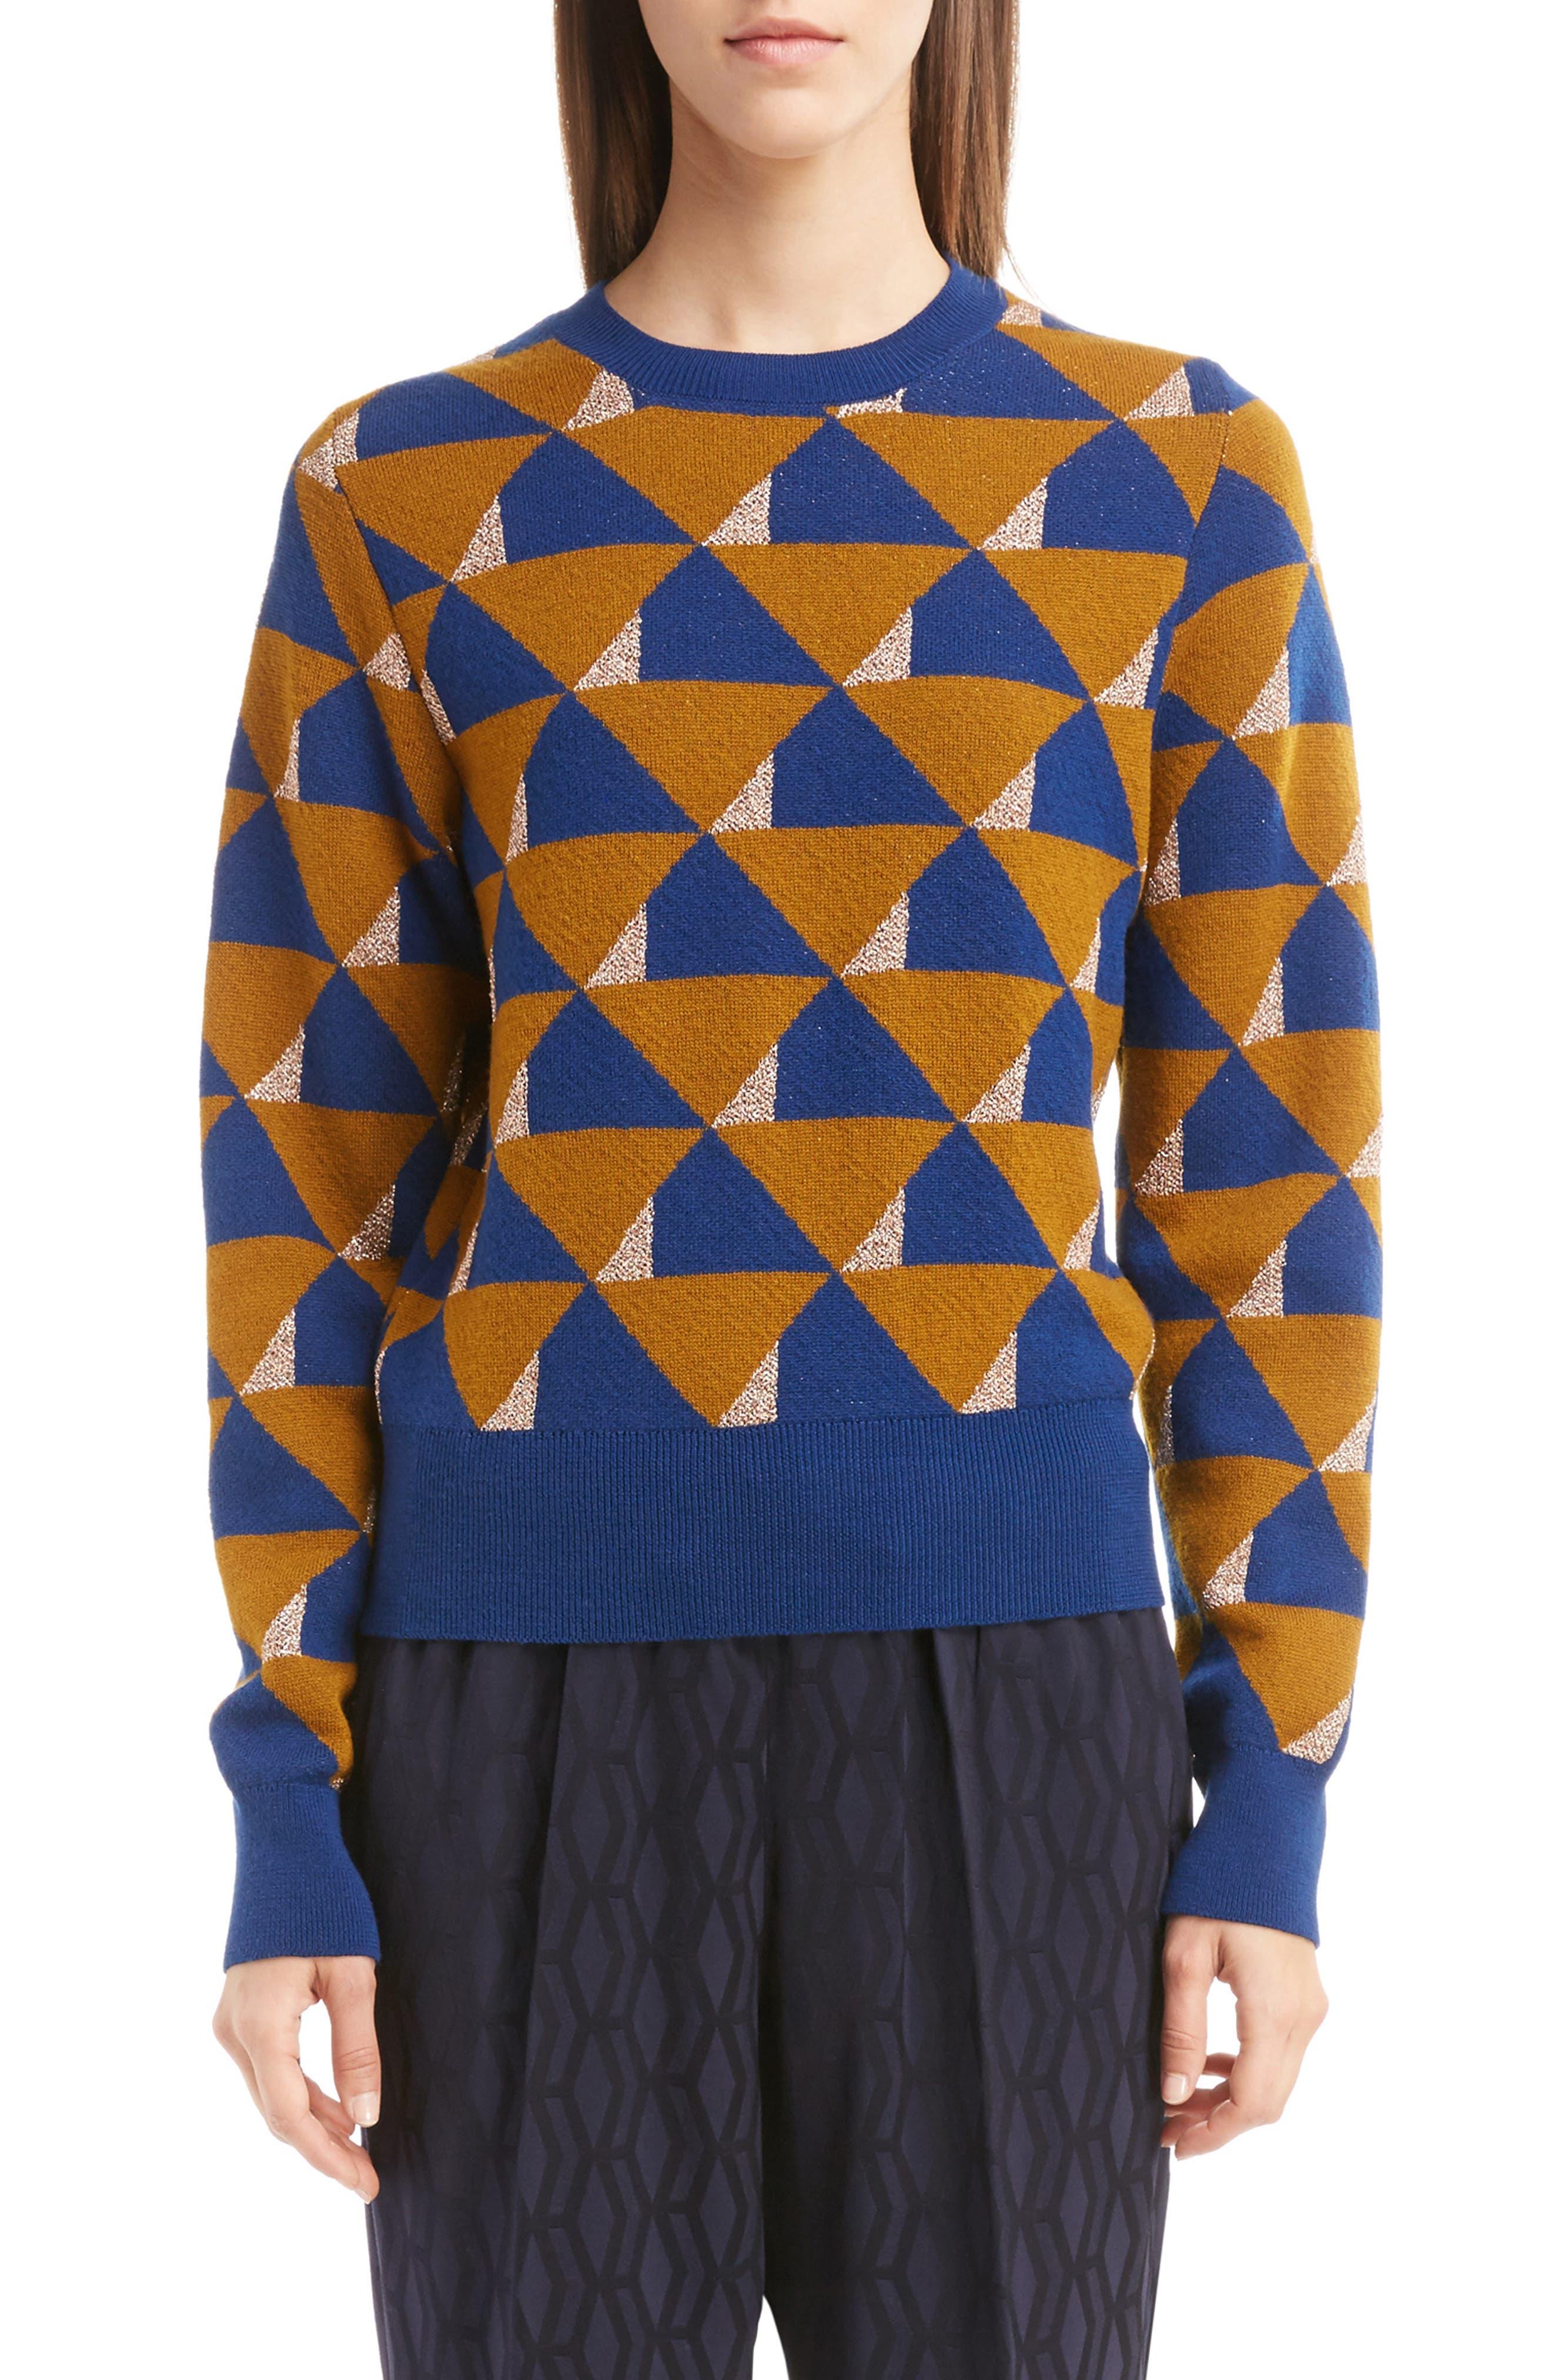 Dries Van Noten Graphic Knit Merino Wool Sweater